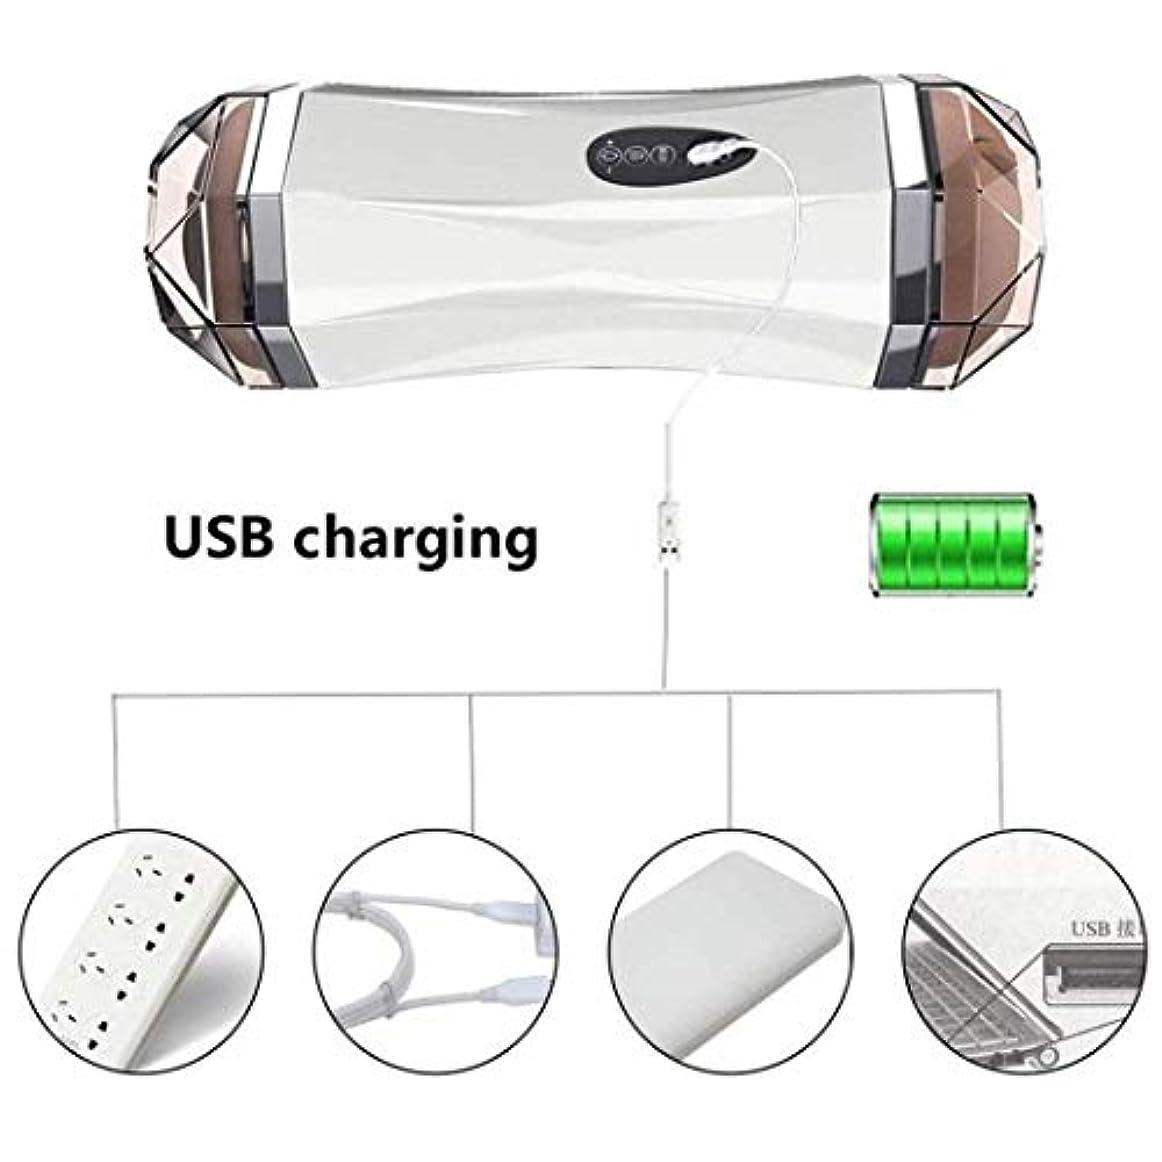 封建倒錯非常にMCAZMSG USB Rechargable Handheld Body Massager for Pain Relief and Muscle Relaxation、Promo、Blood Circulation Massager